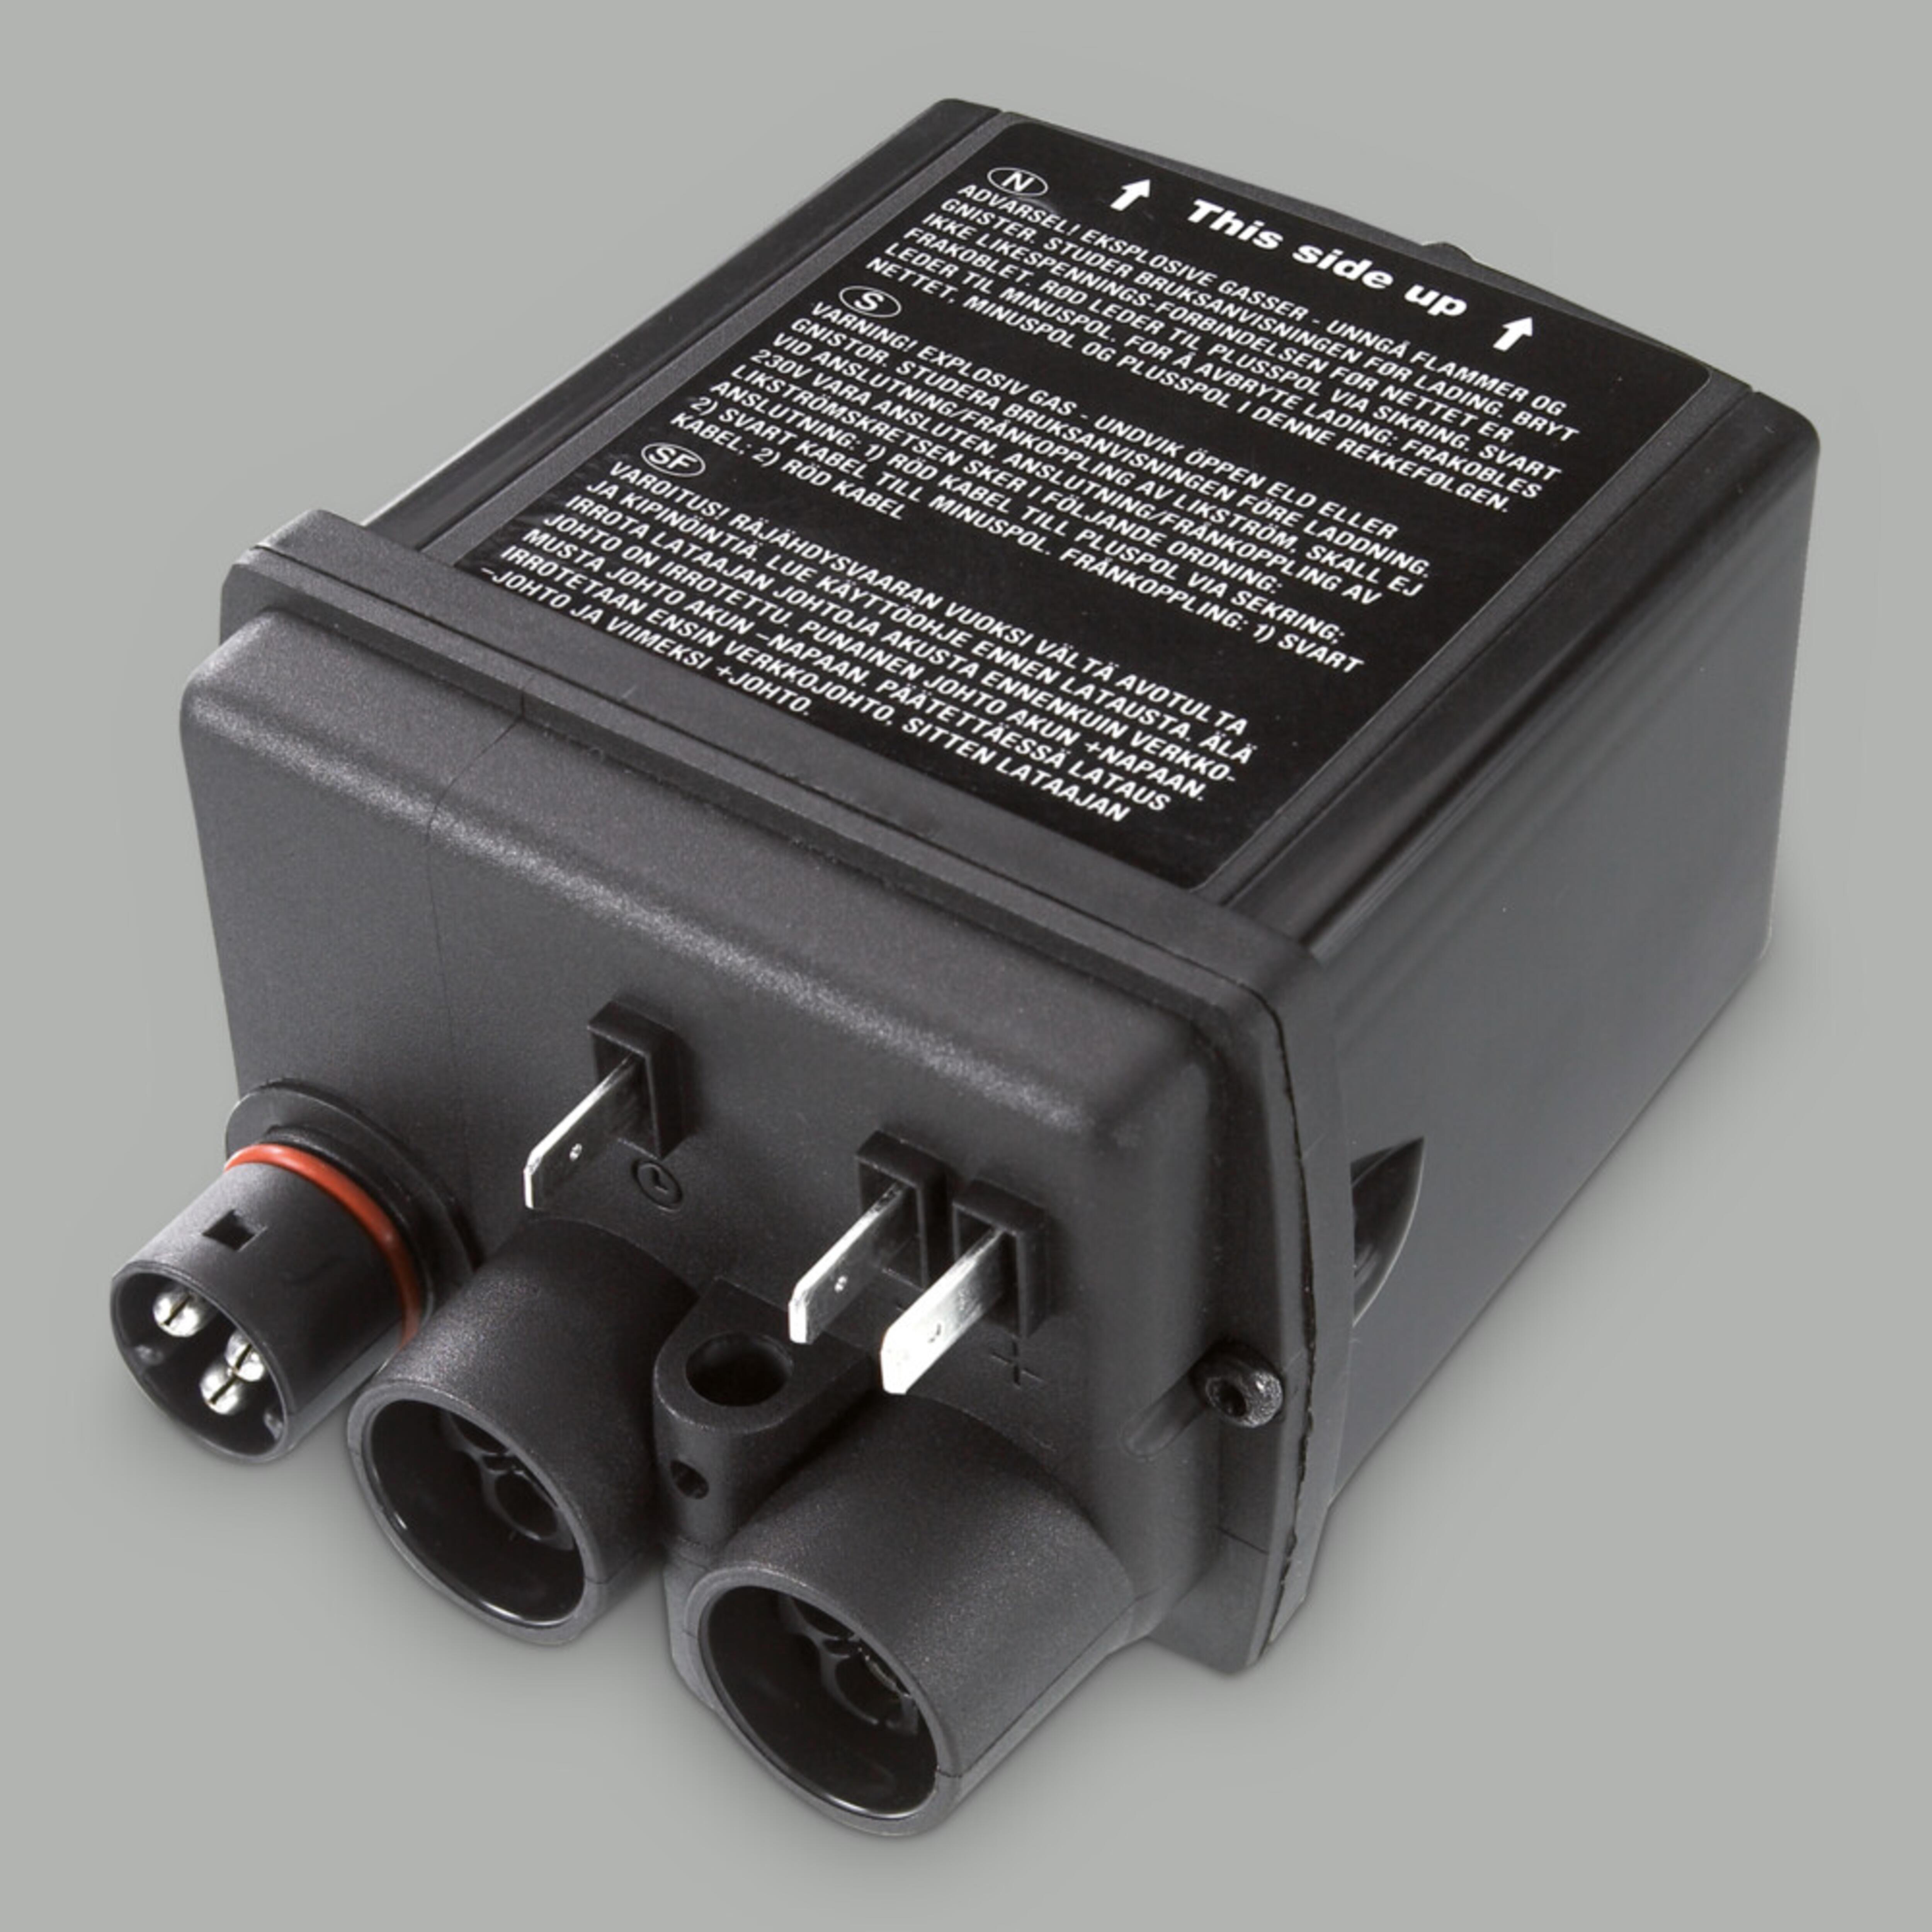 DEFA MultiCharger 1203